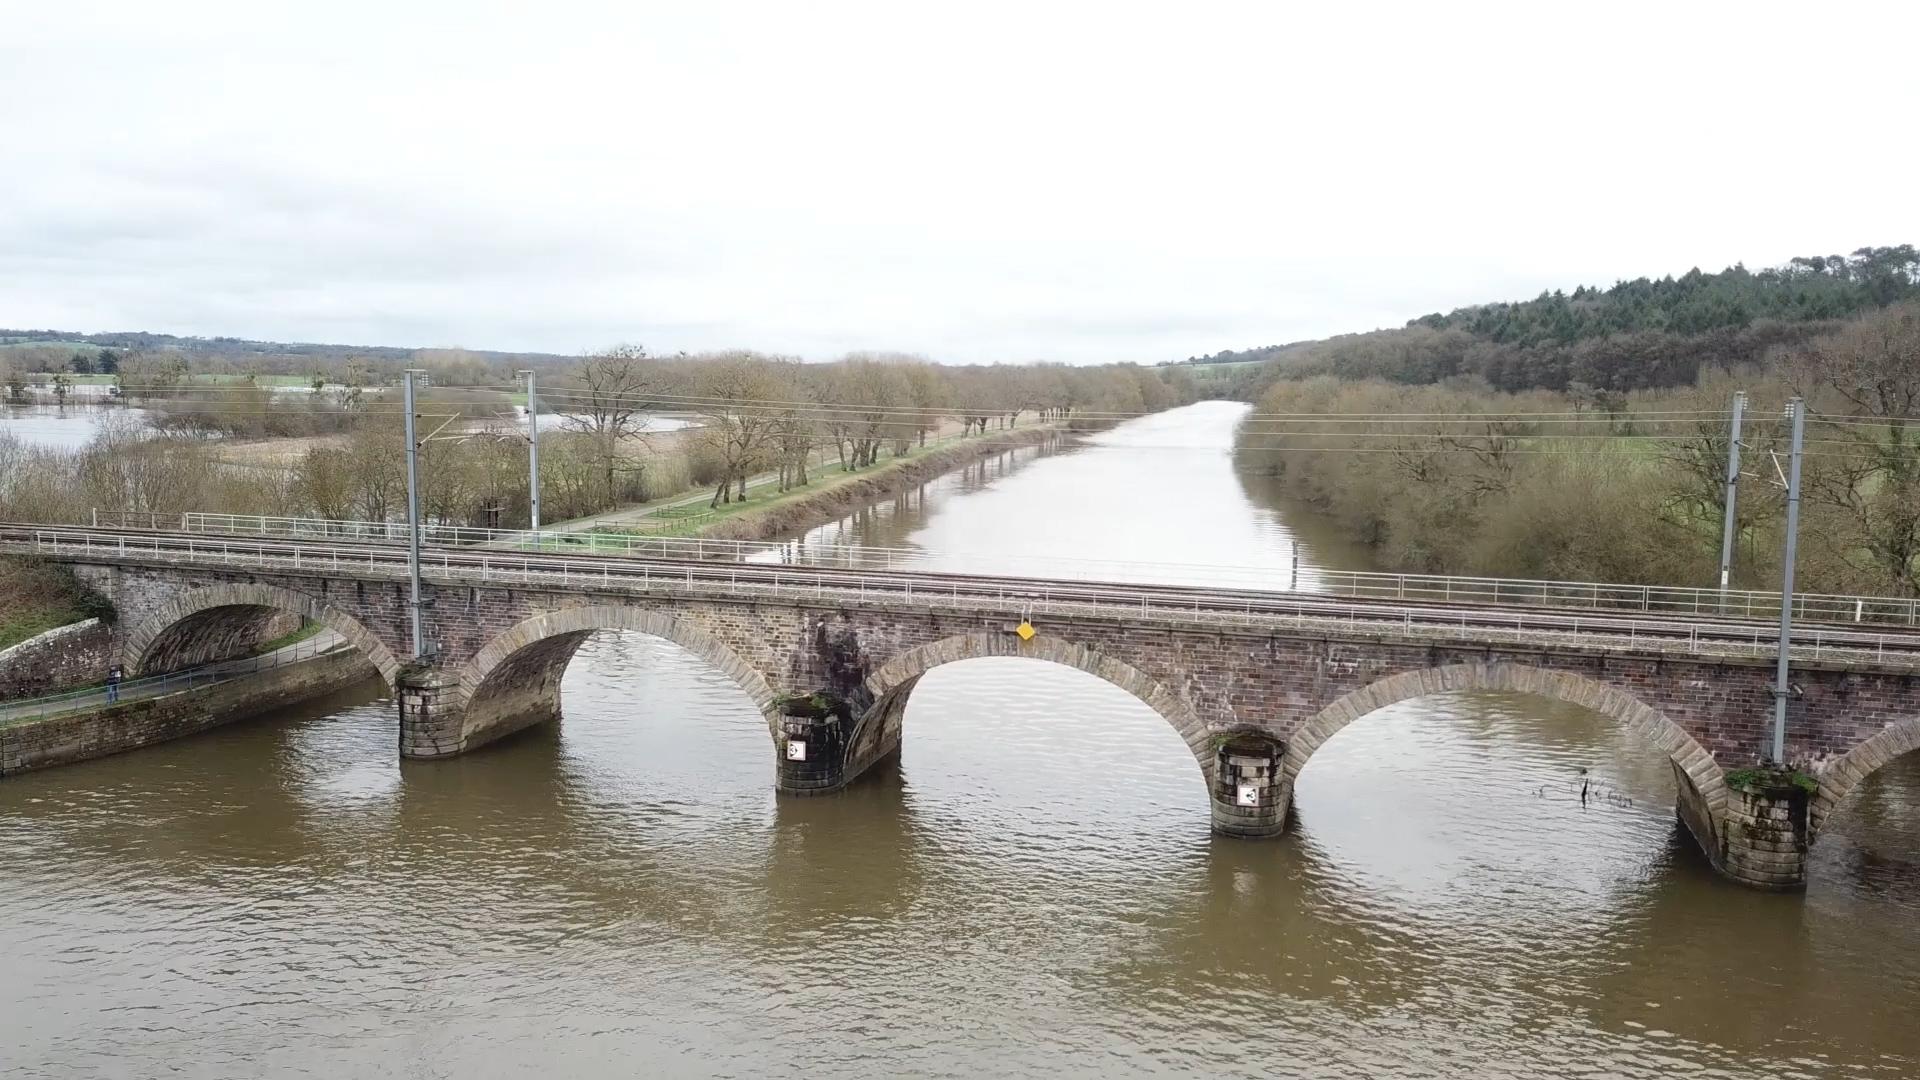 Vue de drone d'un pont de chemin de fer